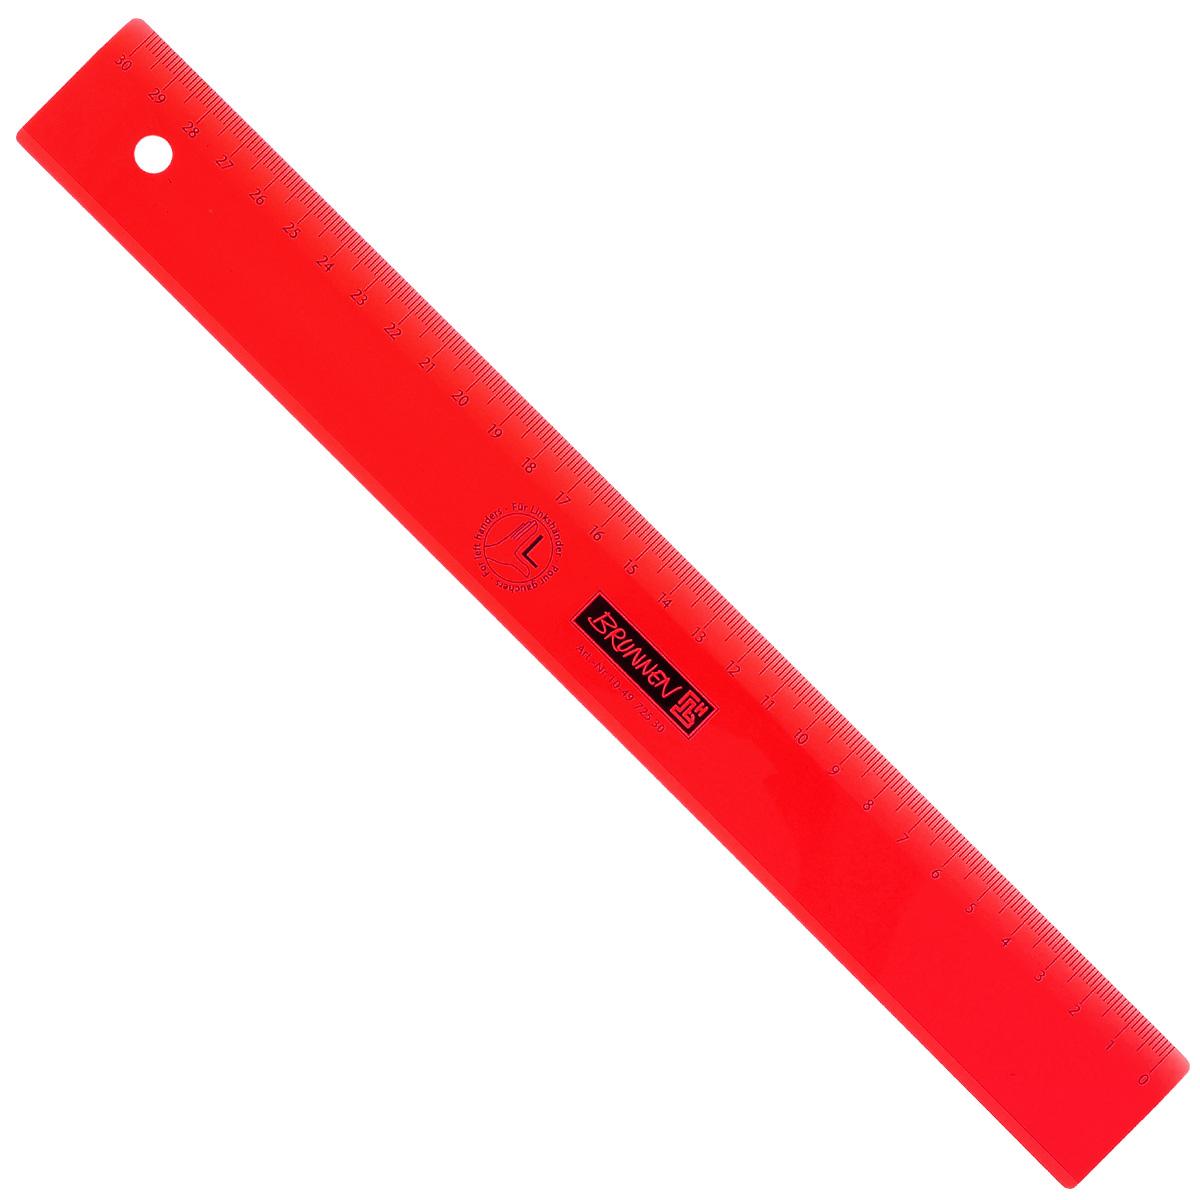 Линейка для левши Brunnen, цвет: красный, 30 см49725-30\BCD_красныйЛинейка Brunnen, длиной 30 см, выполнена из прозрачного пластика красного цвета. Линейка предназначена специально для левшей. Шкала на линейке расположена справа налево. Линейка Brunnen - это незаменимый атрибут, необходимый школьнику или студенту, упрощающий измерение и обеспечивающий ровность проводимых линий.